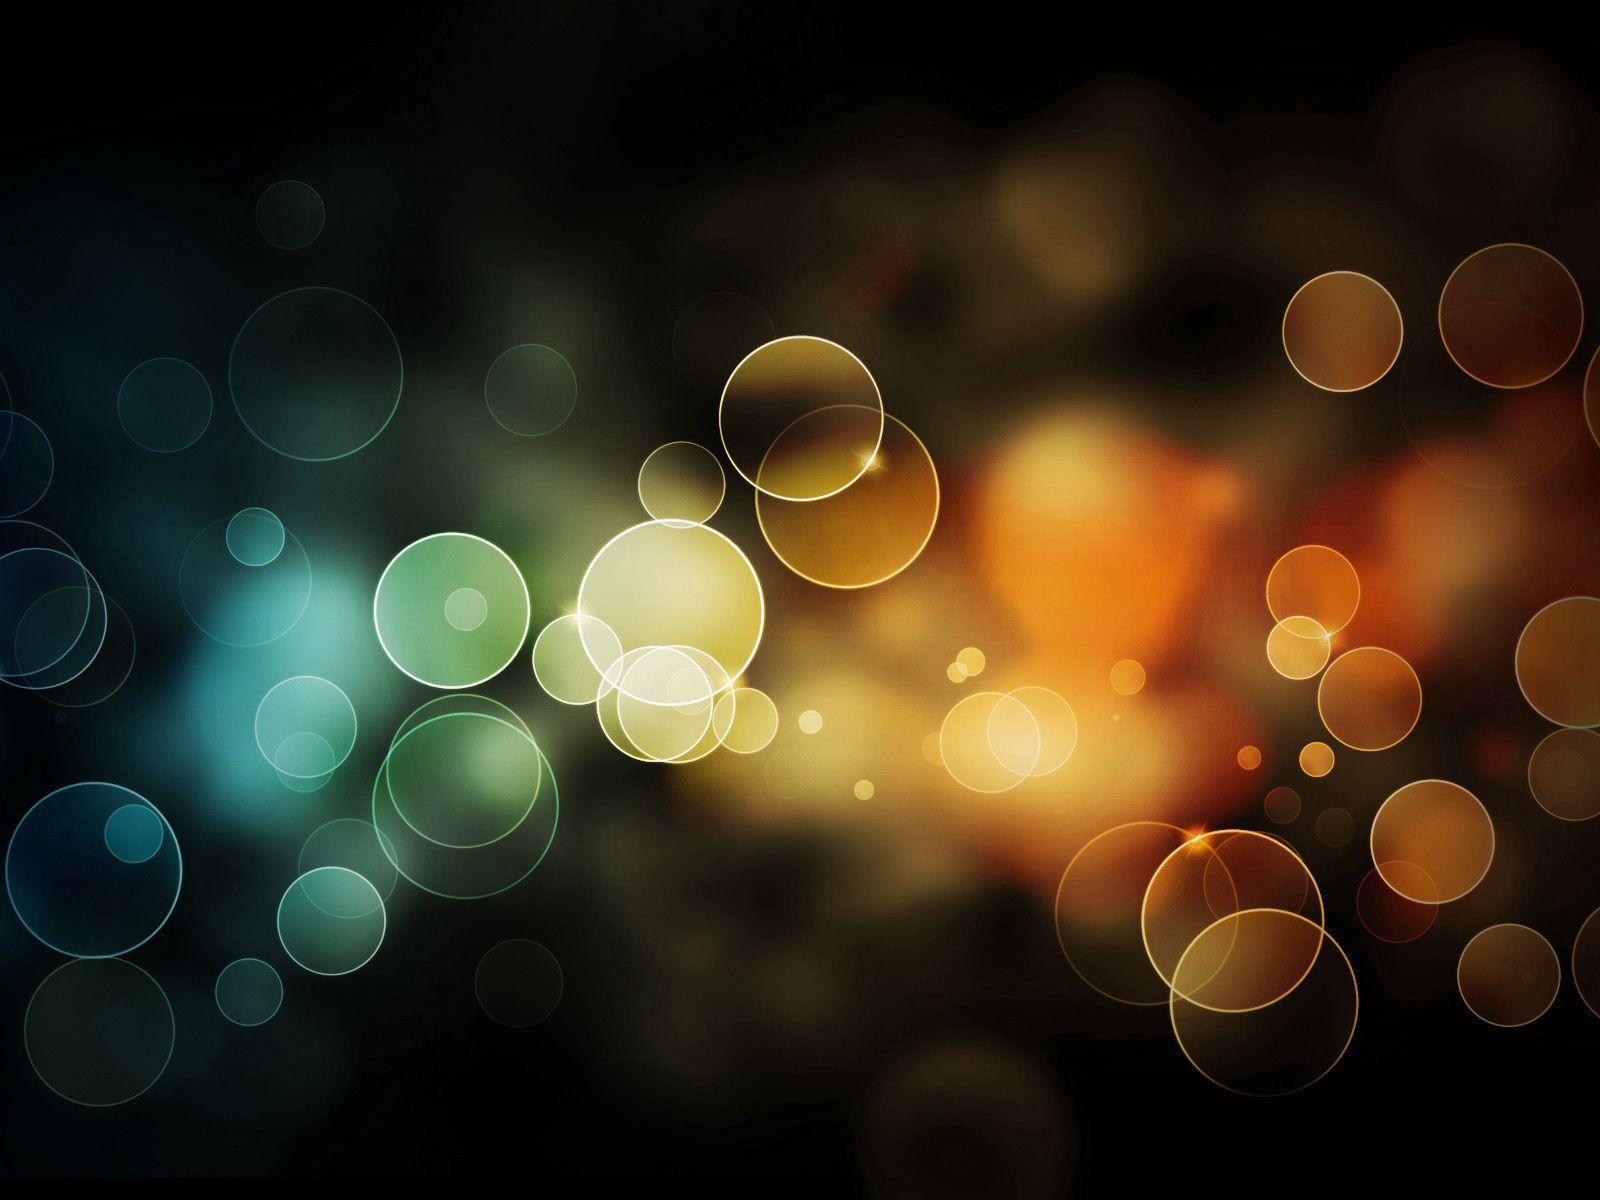 111161 Hintergrundbild herunterladen Kreise, Abstrakt, Hintergrund, Blendung, Mehrfarbig, Motley, Schatten - Bildschirmschoner und Bilder kostenlos